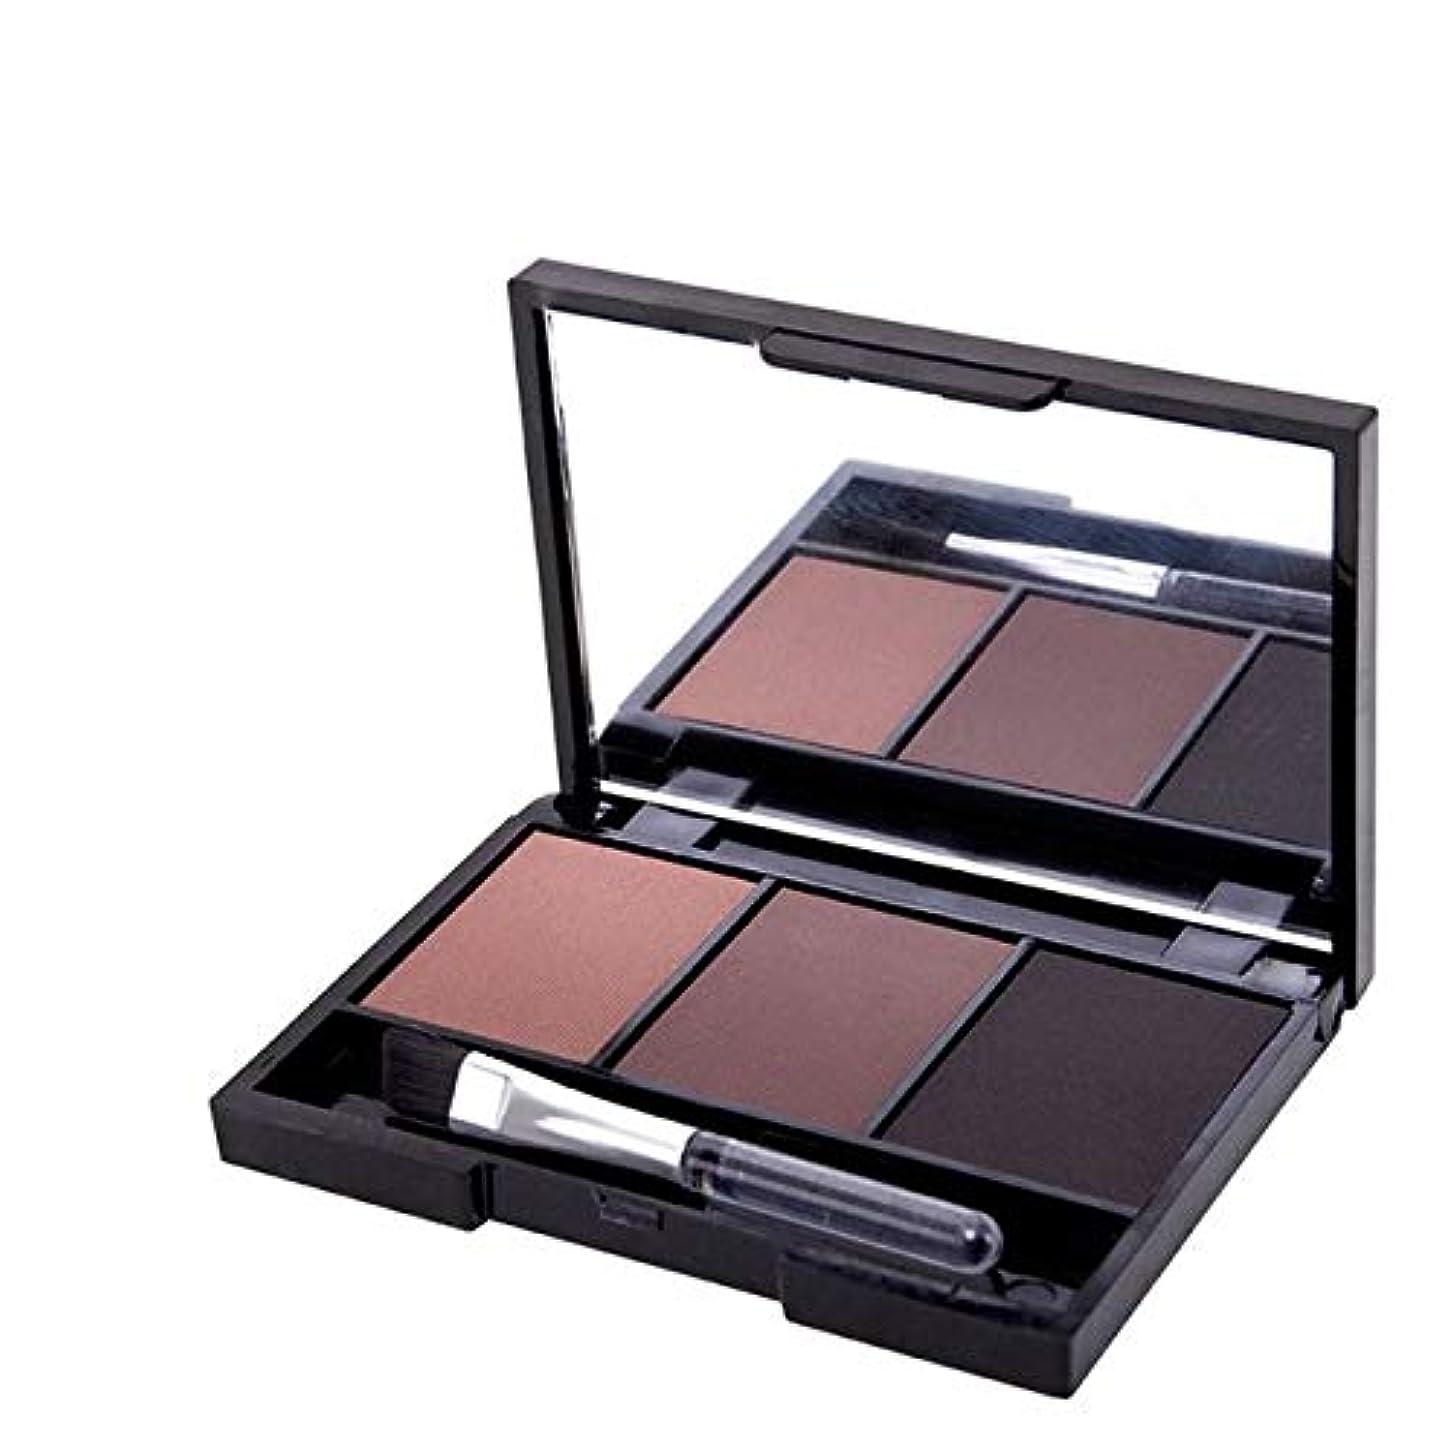 永続ナインへロープ健康と美容アイシャドウ プロフェッショナルキットロングラスティングアイブロウシャドウパレット、ソフトブラシとミラー付き(1) 化粧 (色 : 3)